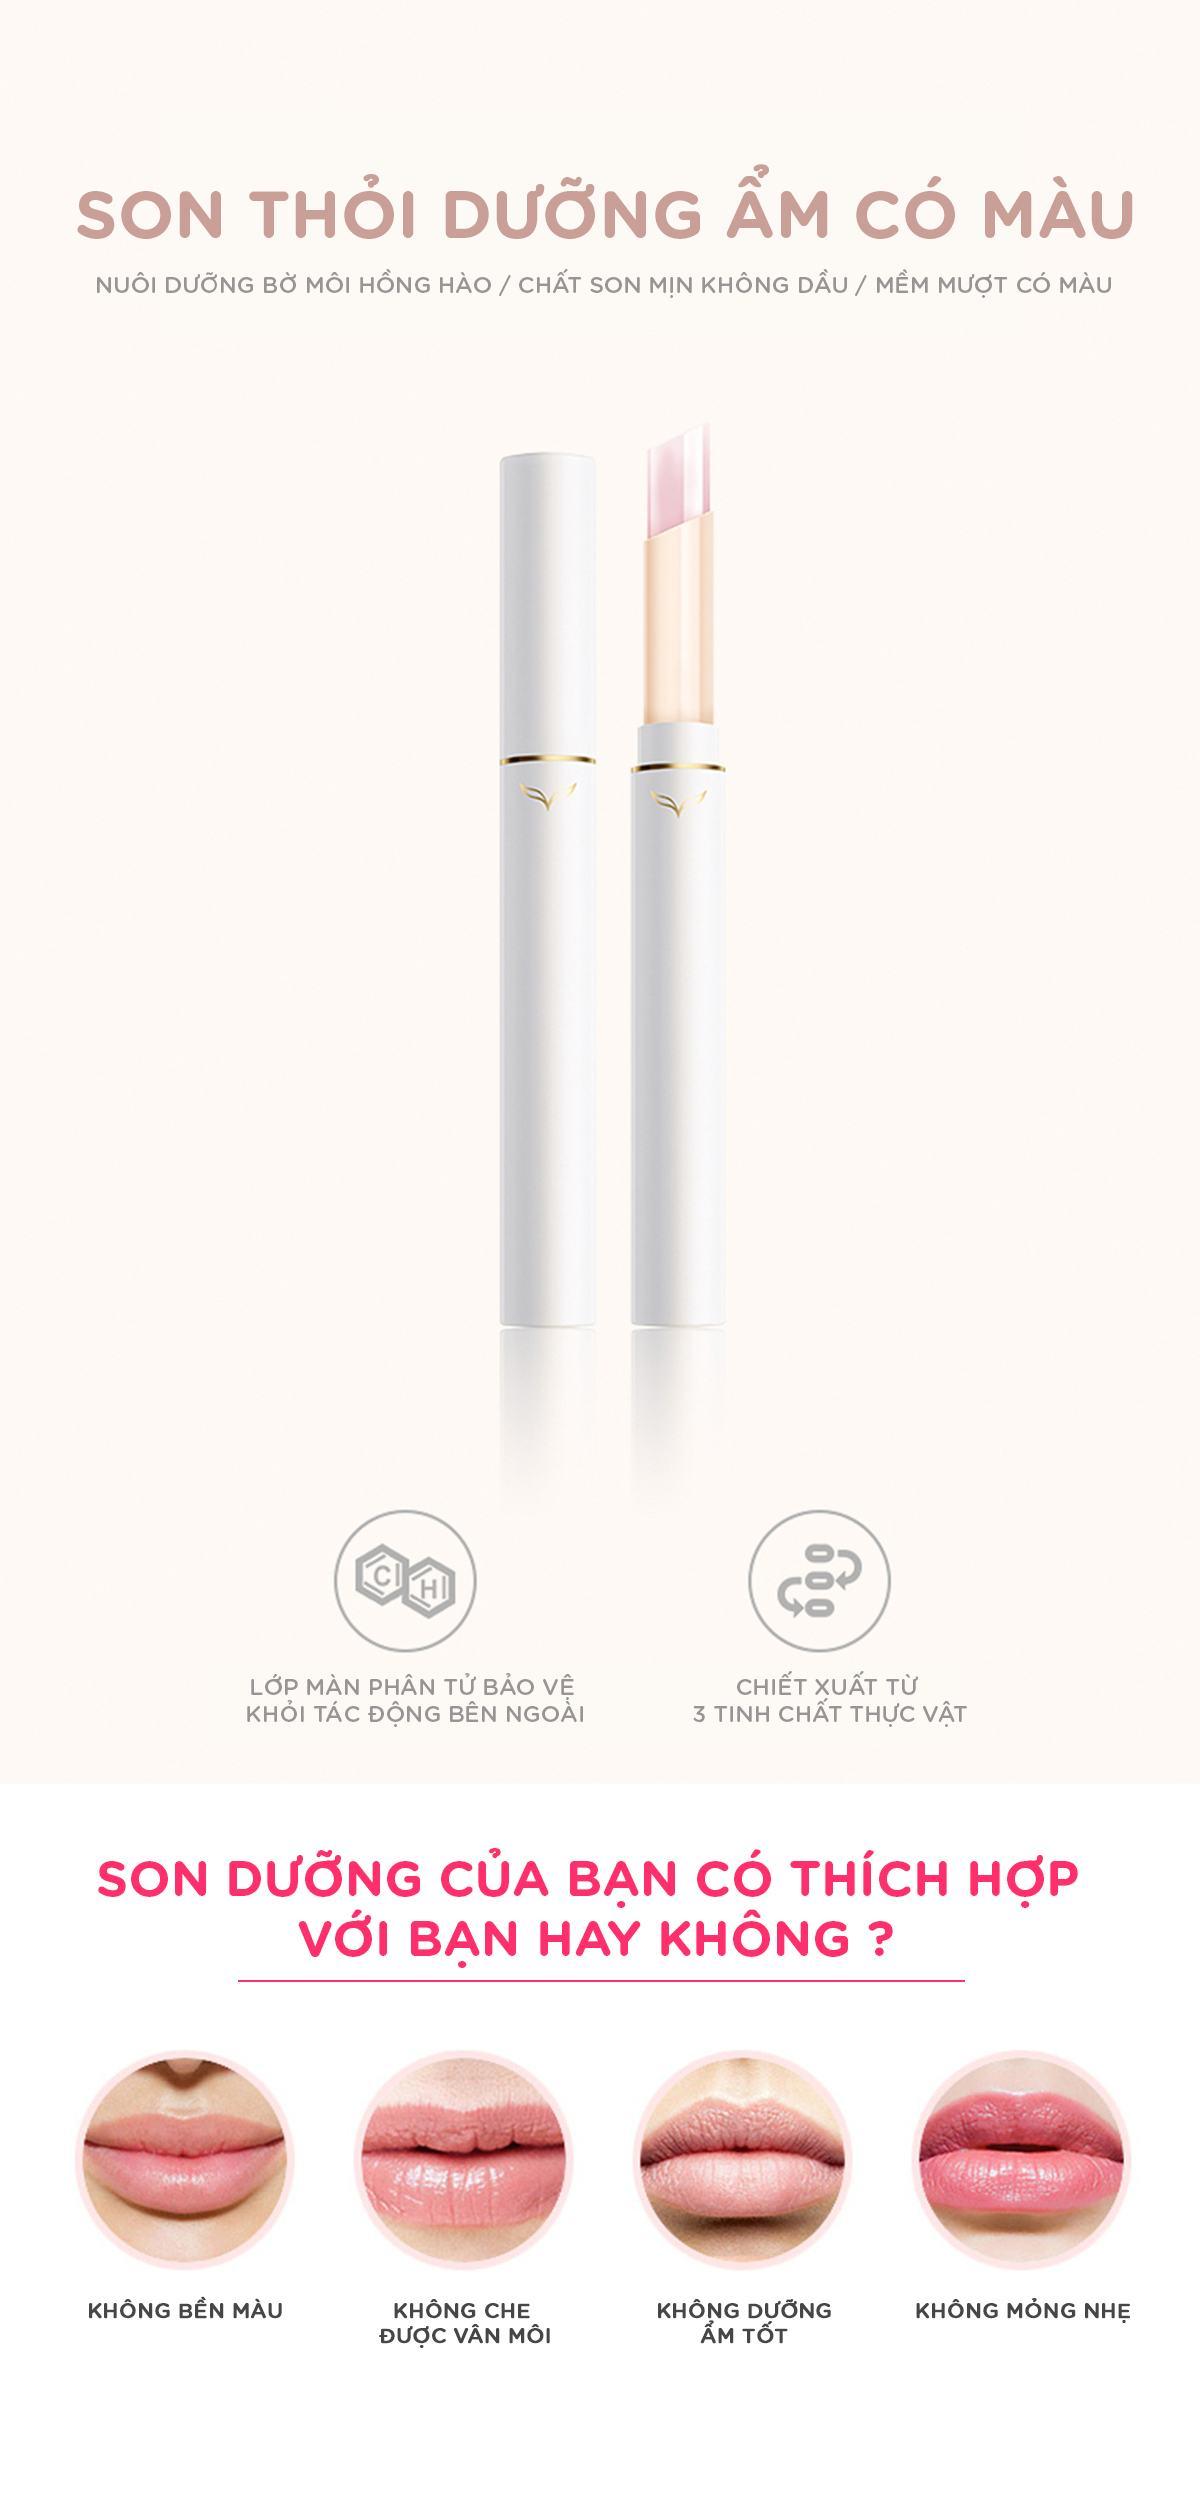 Son Gió Moisturizing Lipstick Dưỡng Ẩm Và Bảo Vệ Môi 2.4g